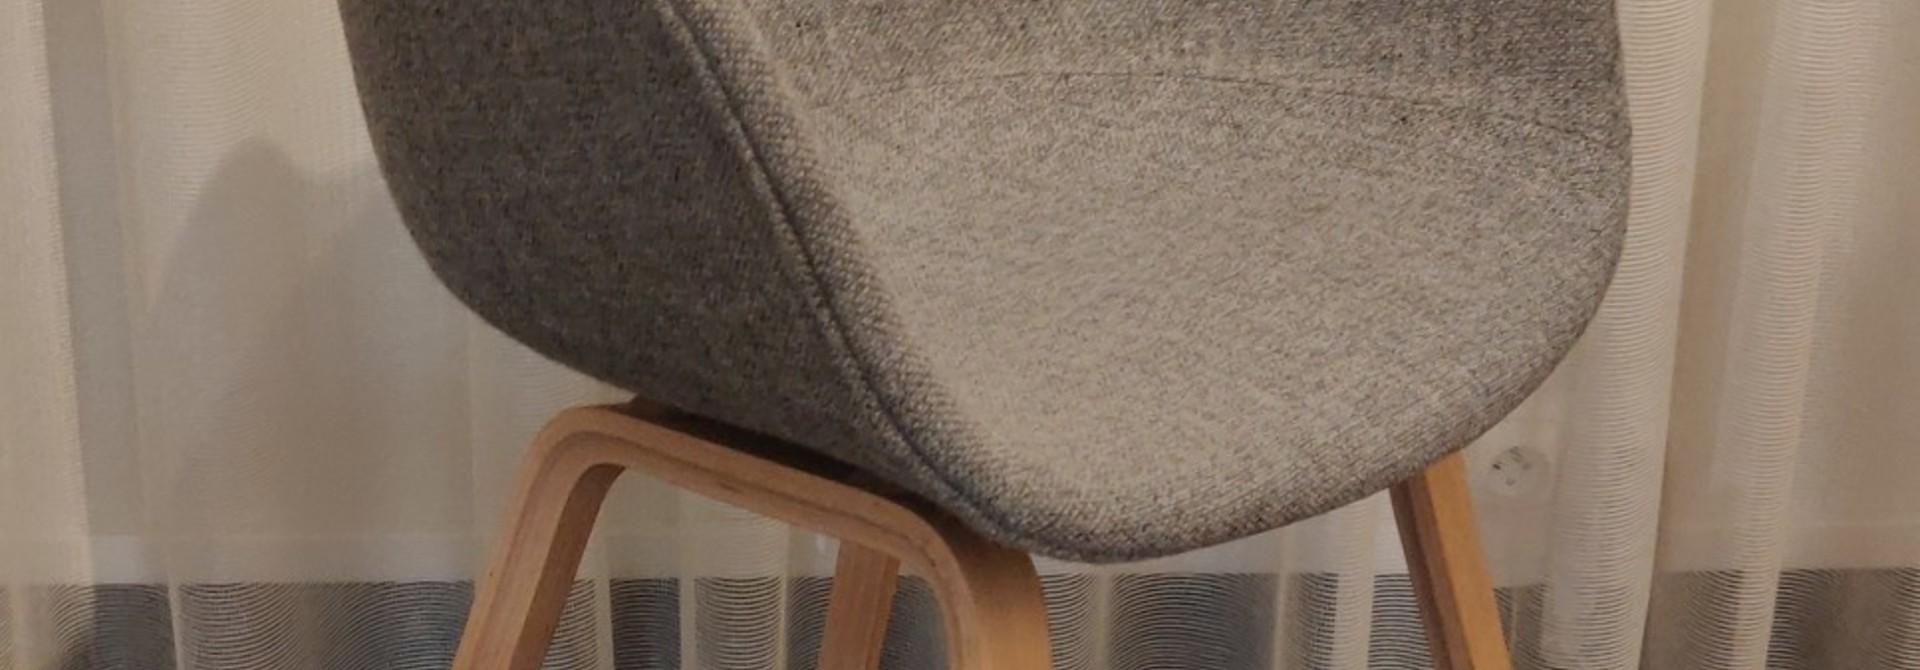 Toonzaalmodel AAC23 - Matt lacquered oak veneer  Hallingdal 130